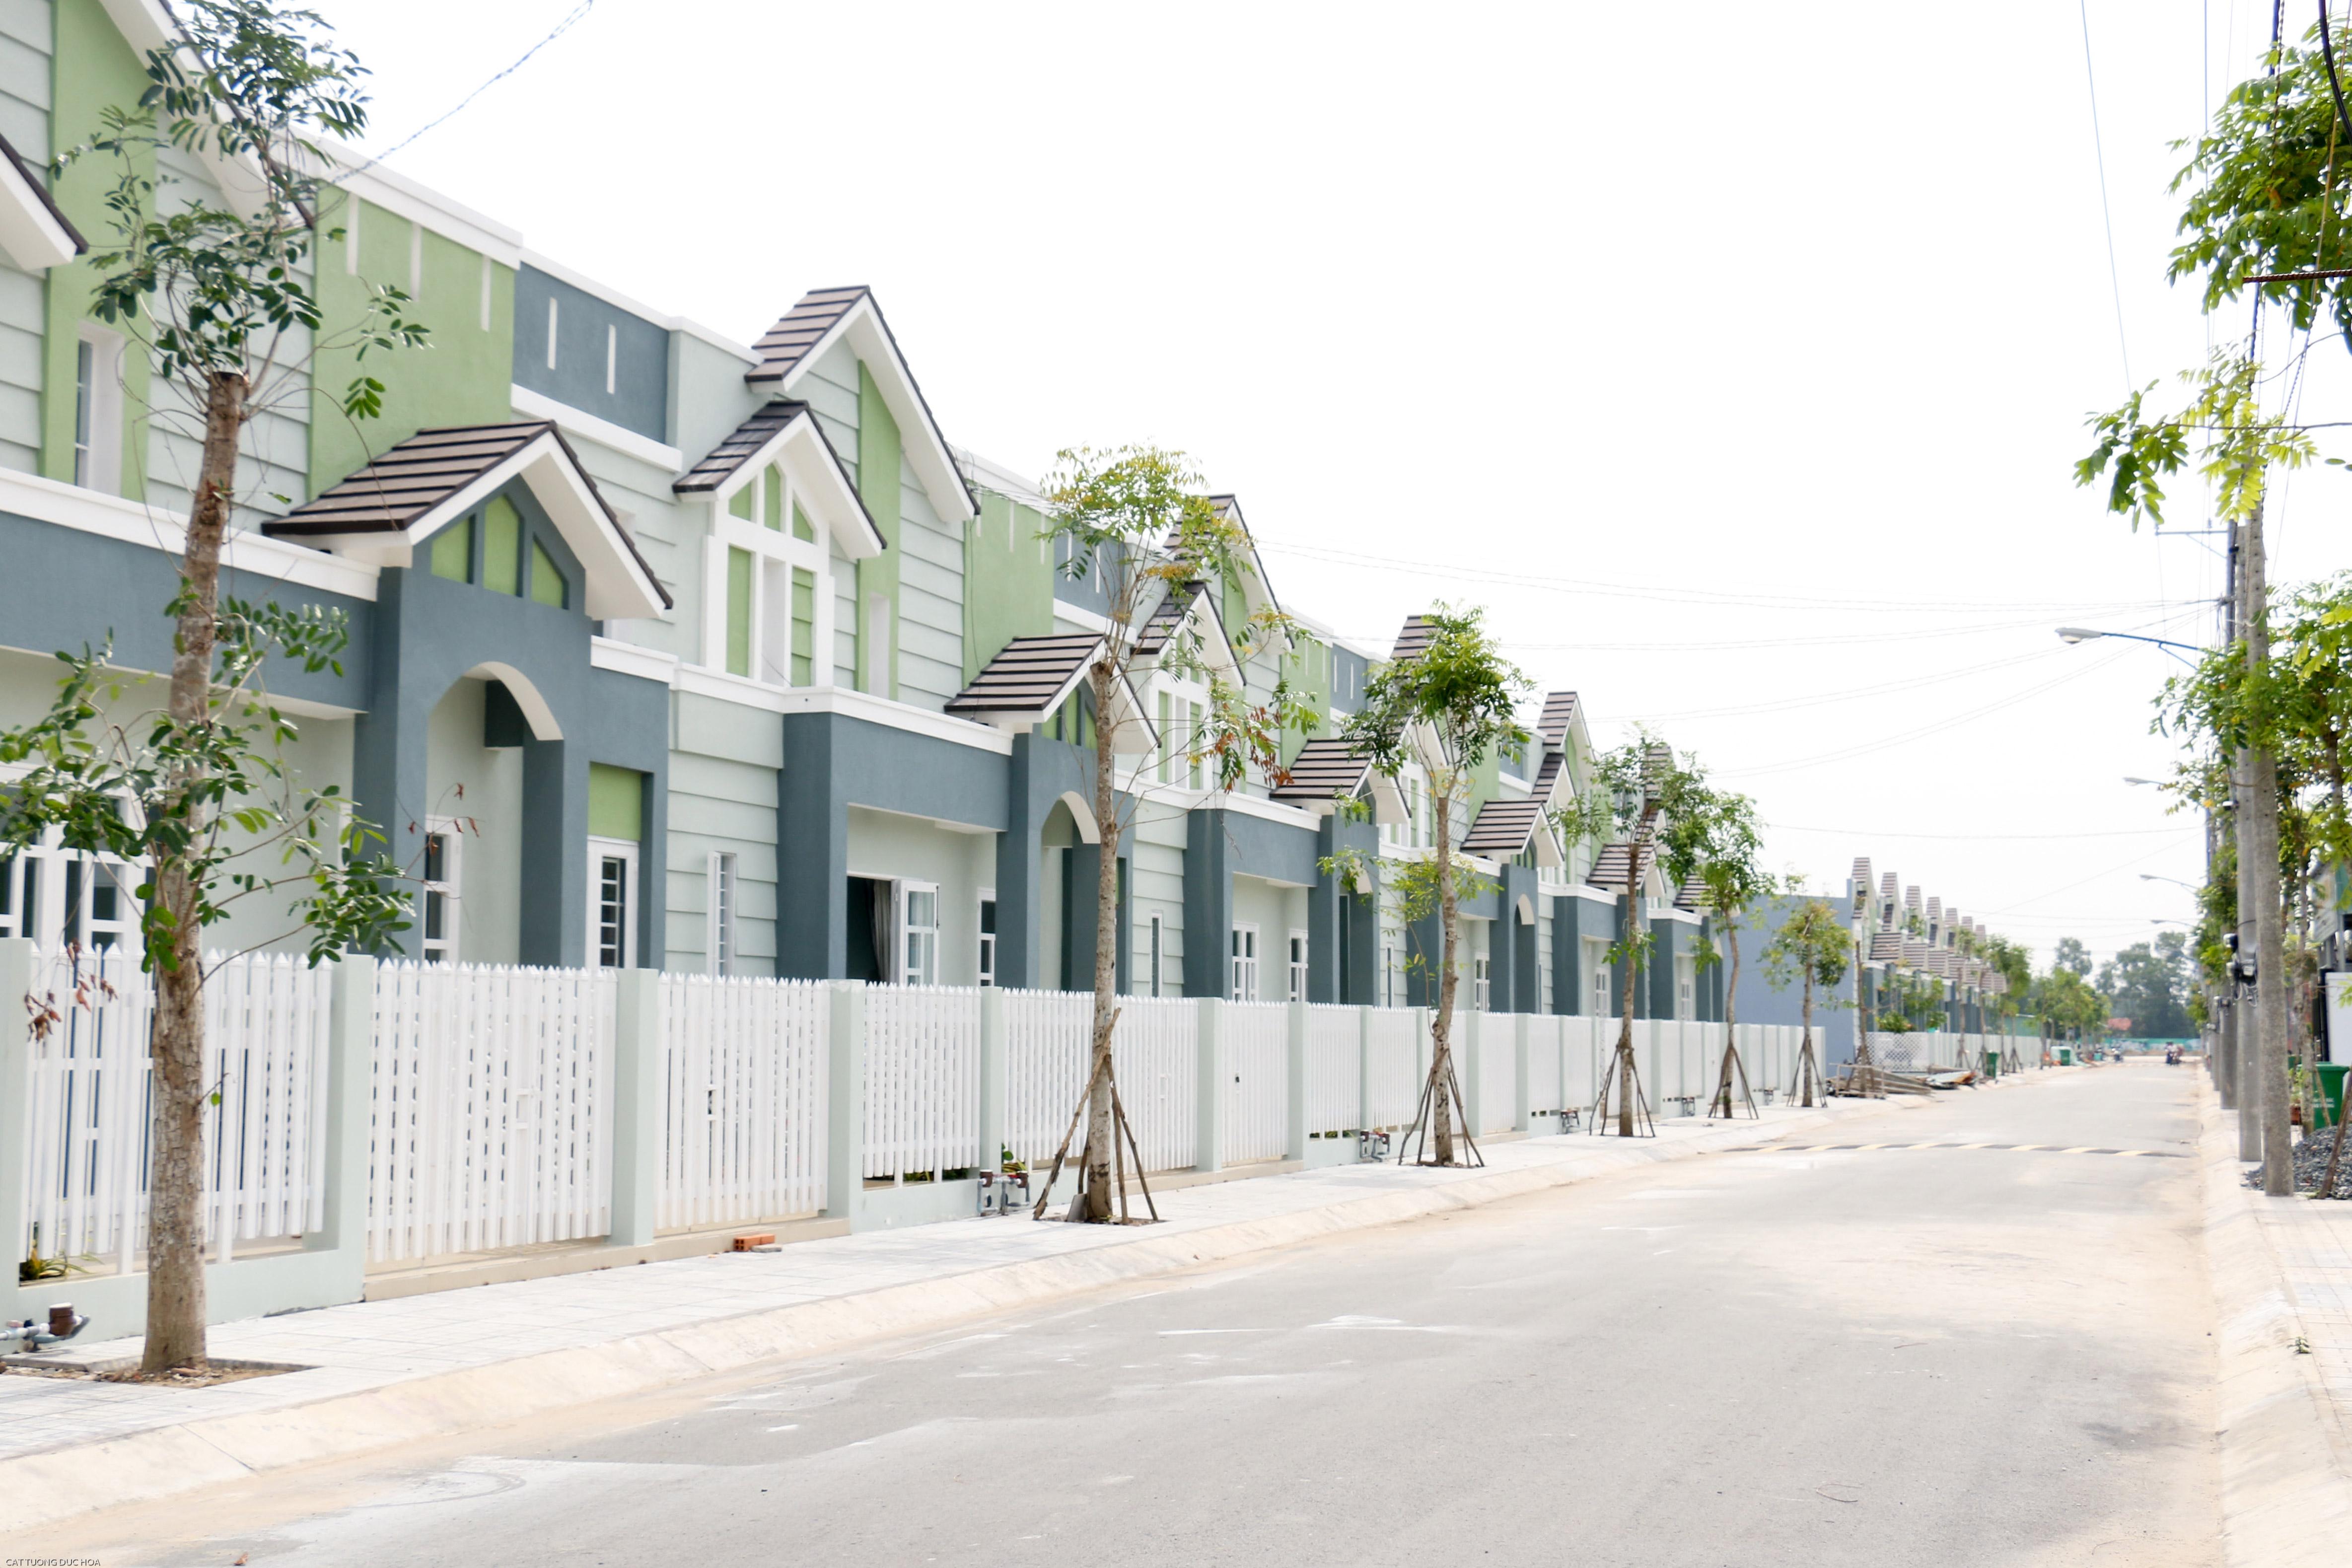 Dự án bất động sản tiềm năng: Yếu tố quyết định hiệu quả đầu tư